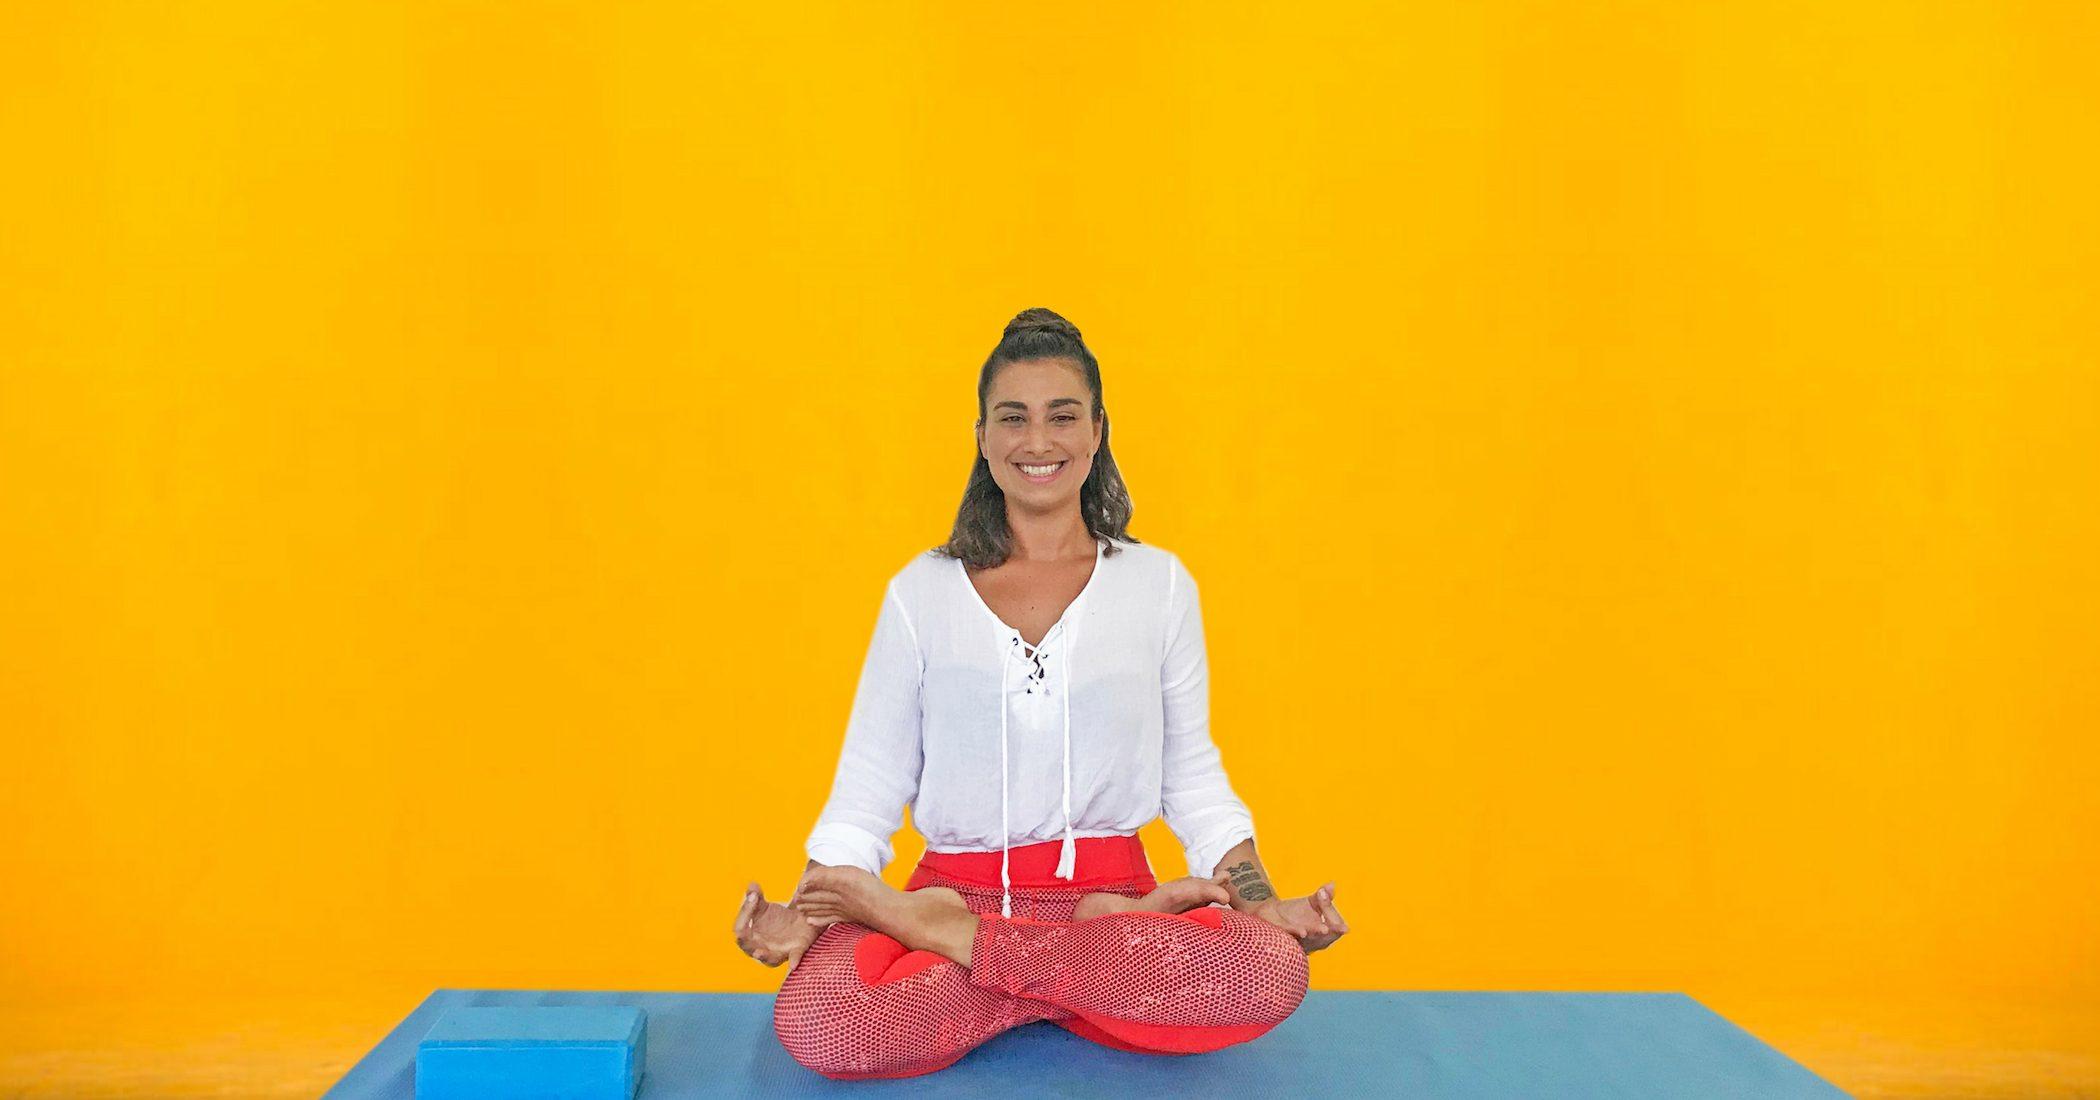 cursos 2100x1200 - yoga